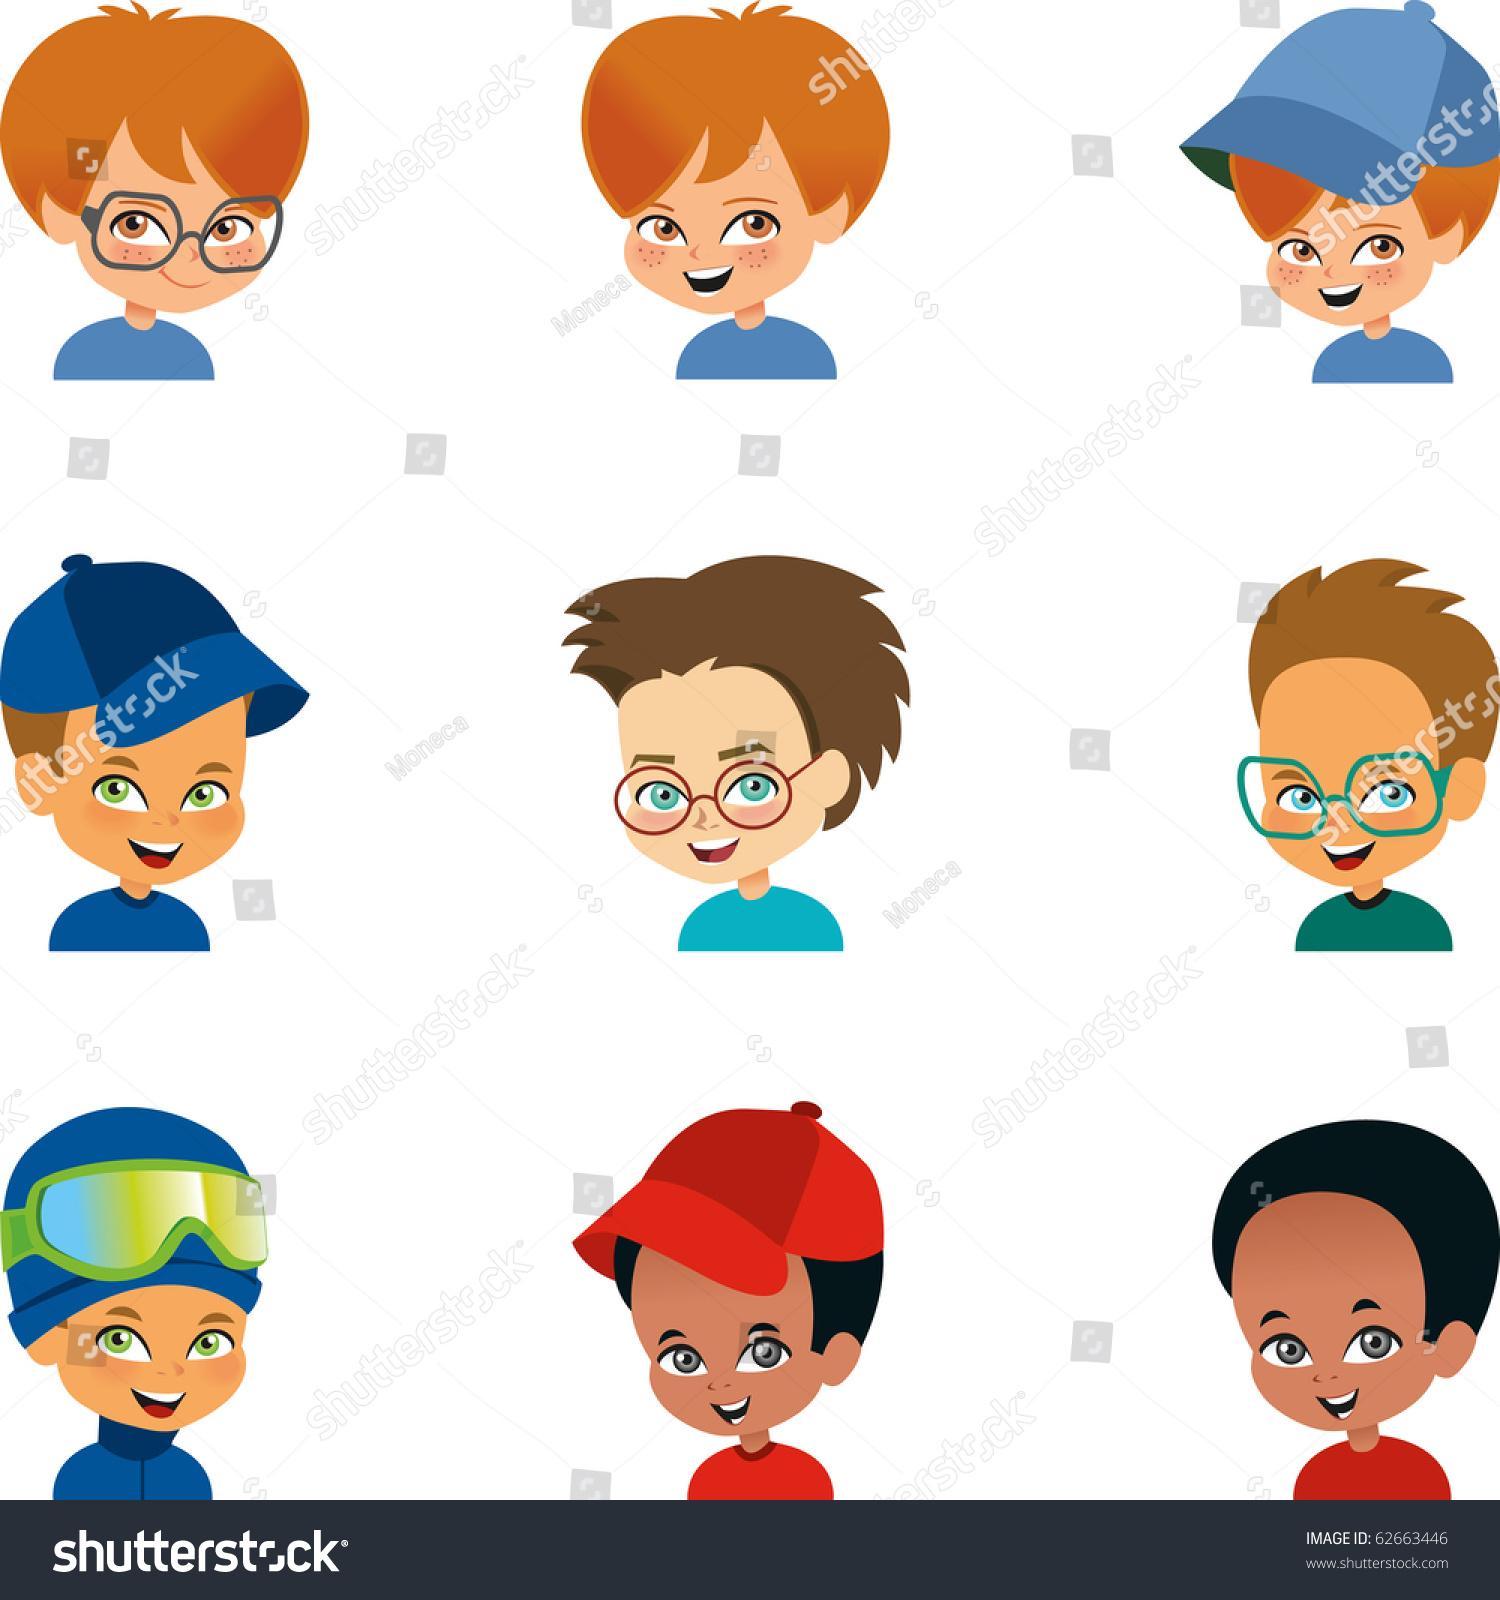 Boy Avatar: Set 9 Cartoon Boy Portraits Avatar Stock Vector 62663446